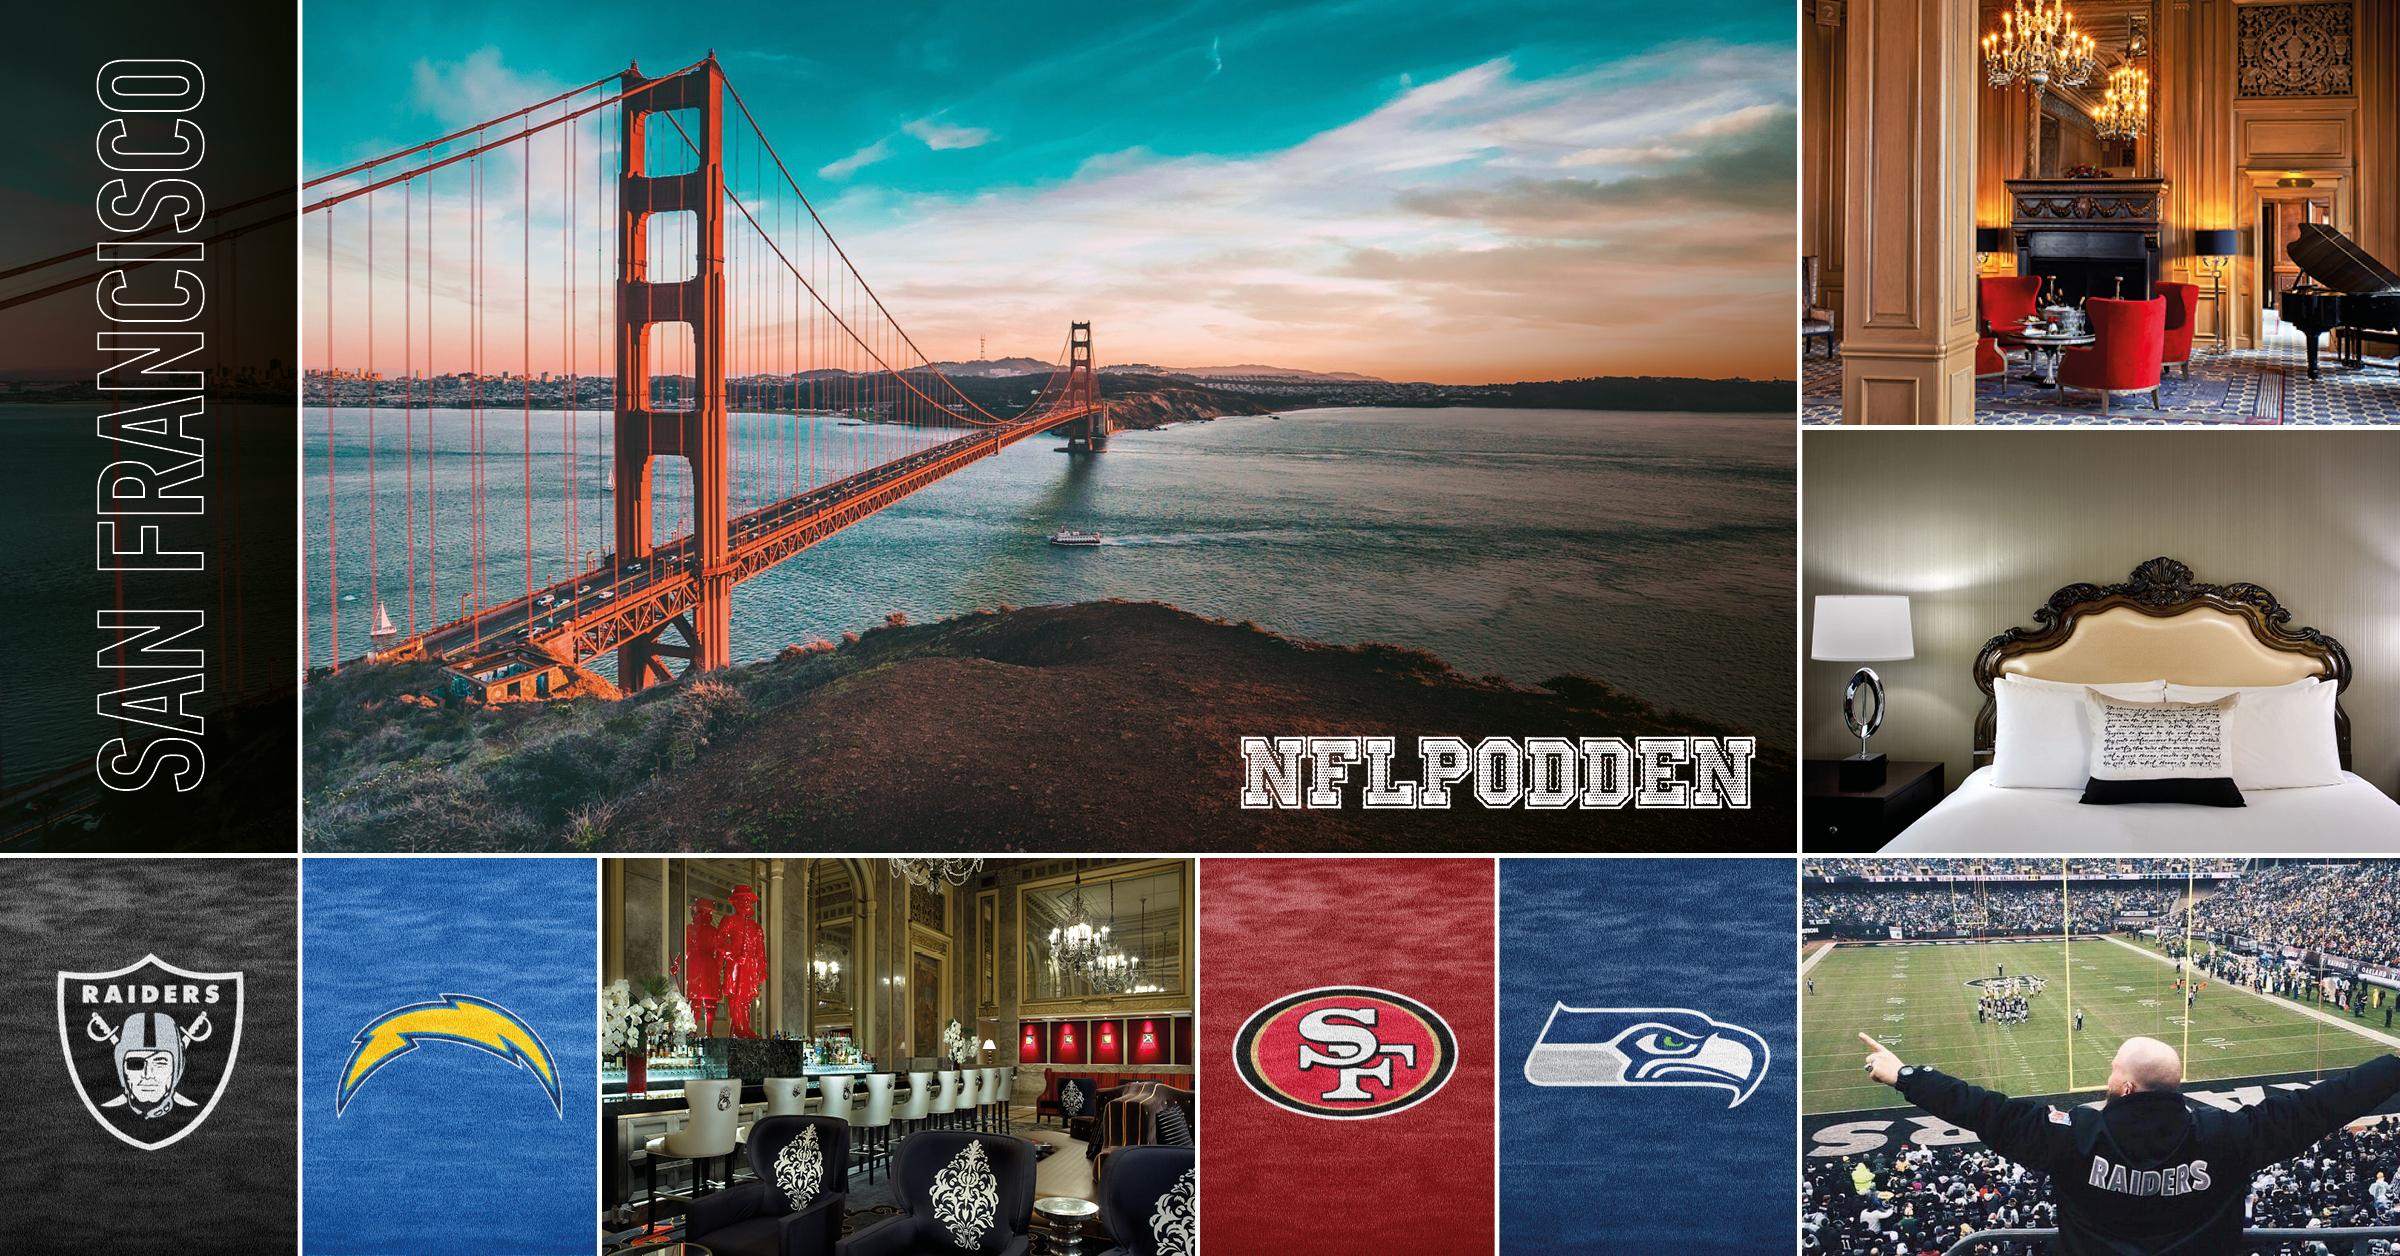 NFL San Francisco - 6 - 12 november har det blivit dags för Supreme Travel ta med oss till fantastiska San Francisco. Vi bor kungligt på Kimpton Sir Francis Drake. Två matcher ingår Raiders - Chargers och 49ers - Seahawks.